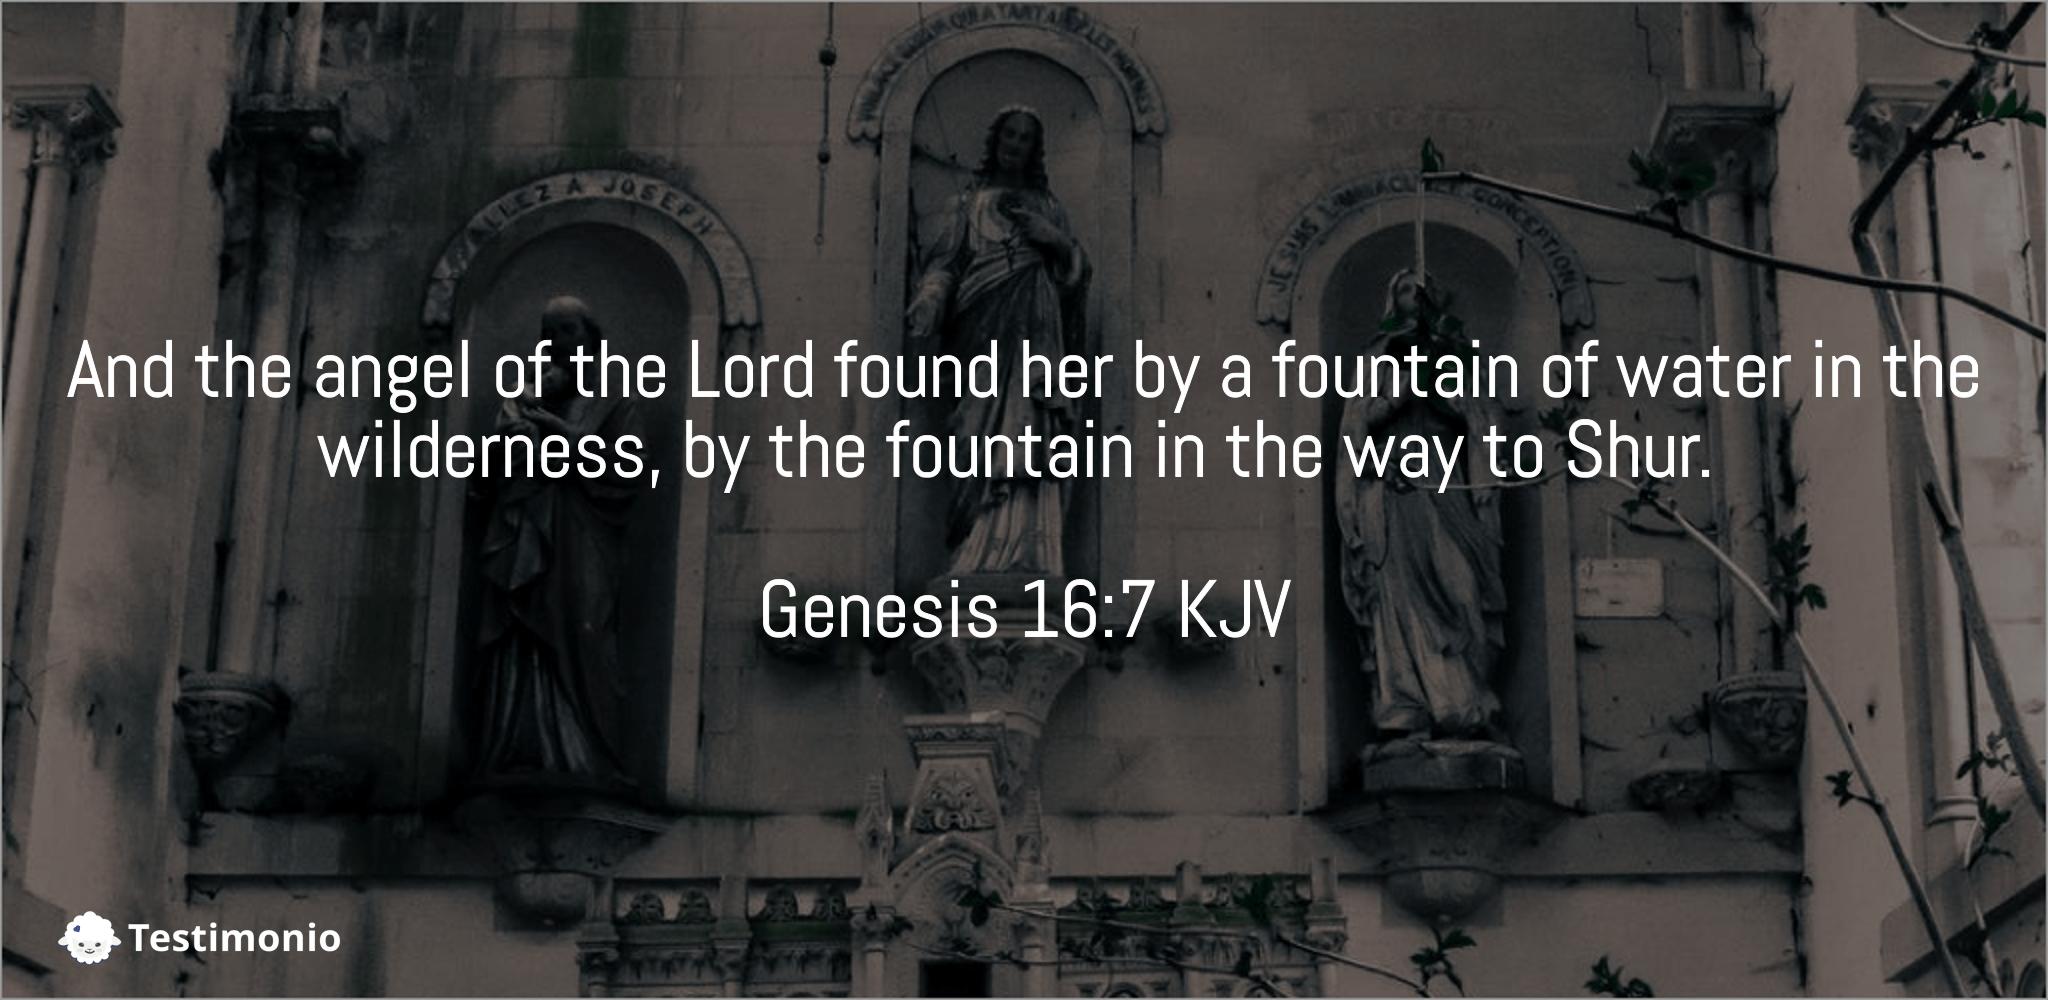 Genesis 16:7